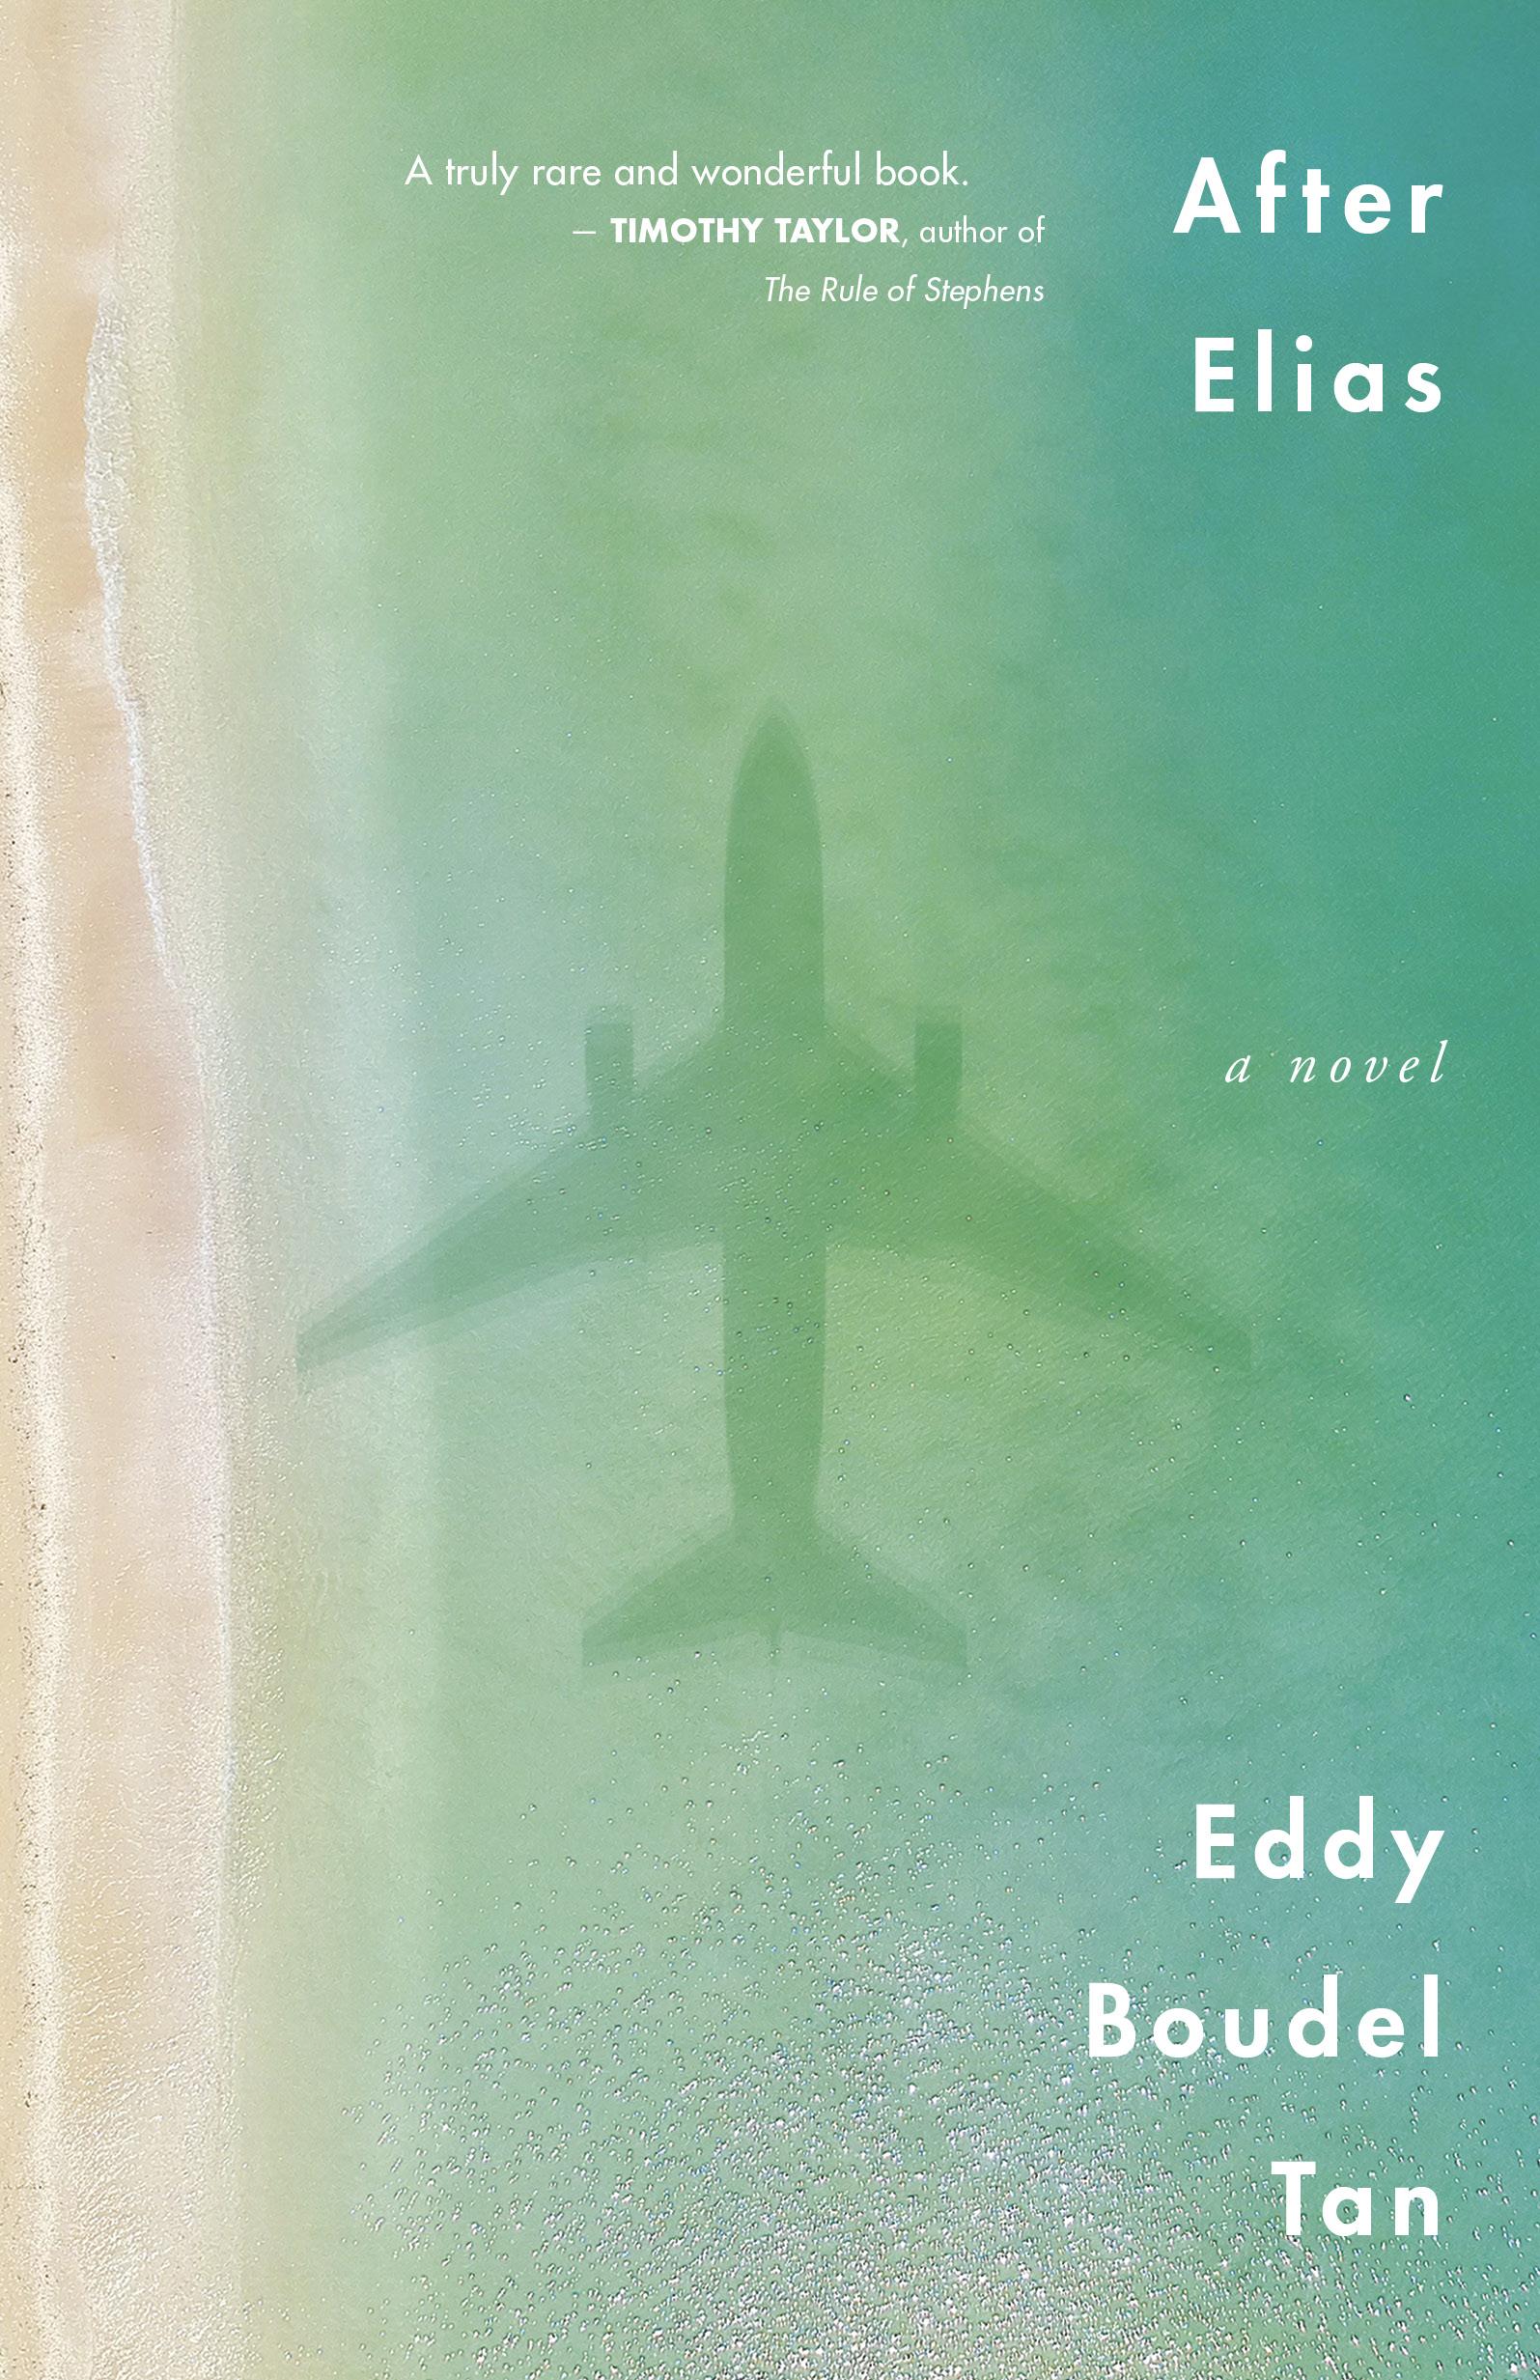 Tan Eddy Boudel After Elias Book Jacket